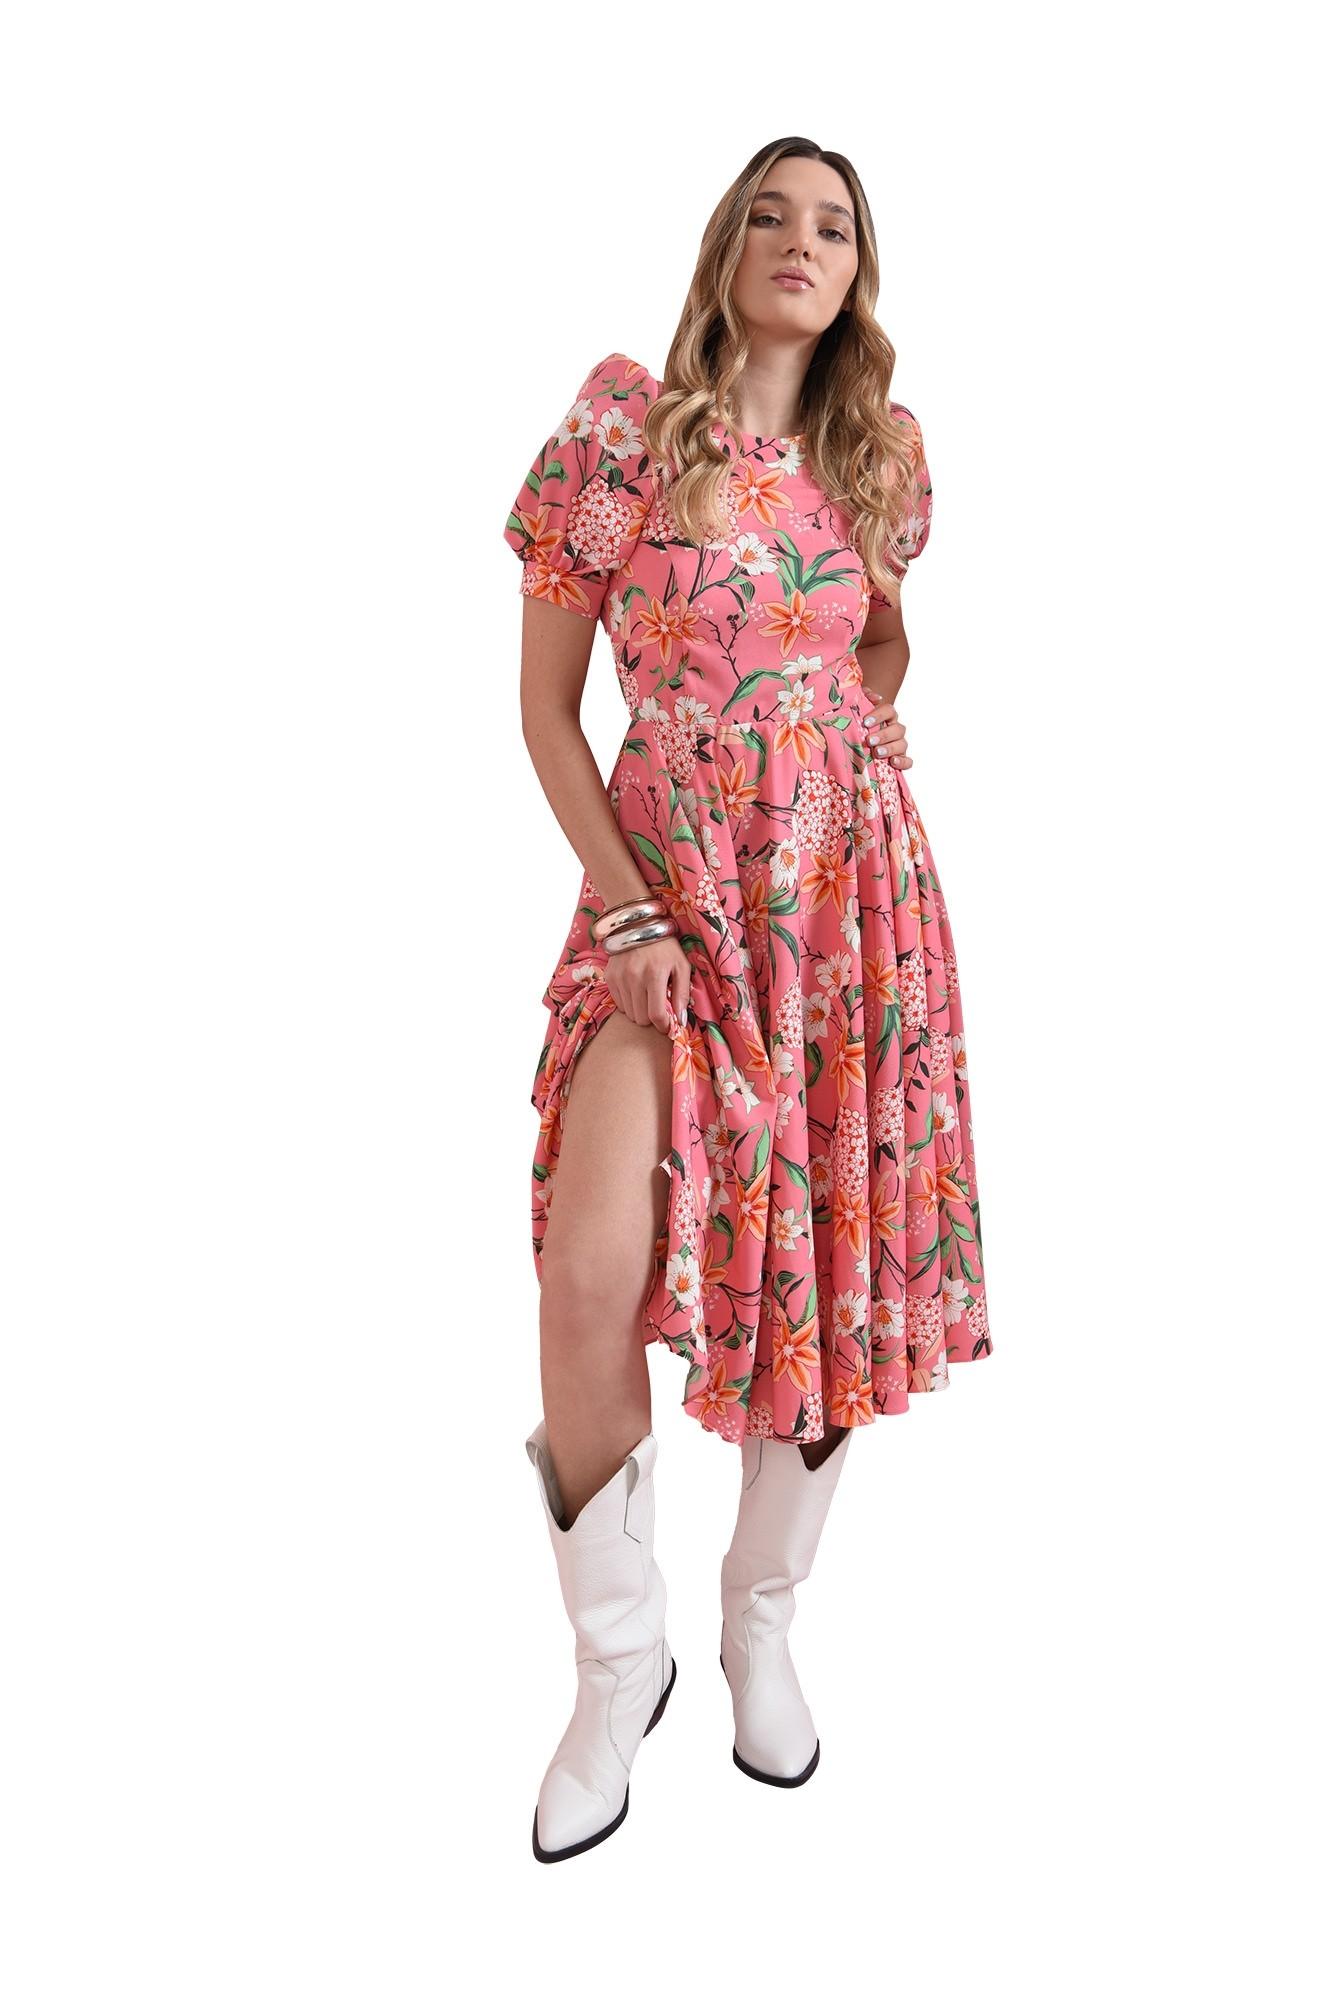 3 - rochie cu maneca scurta, cu flori